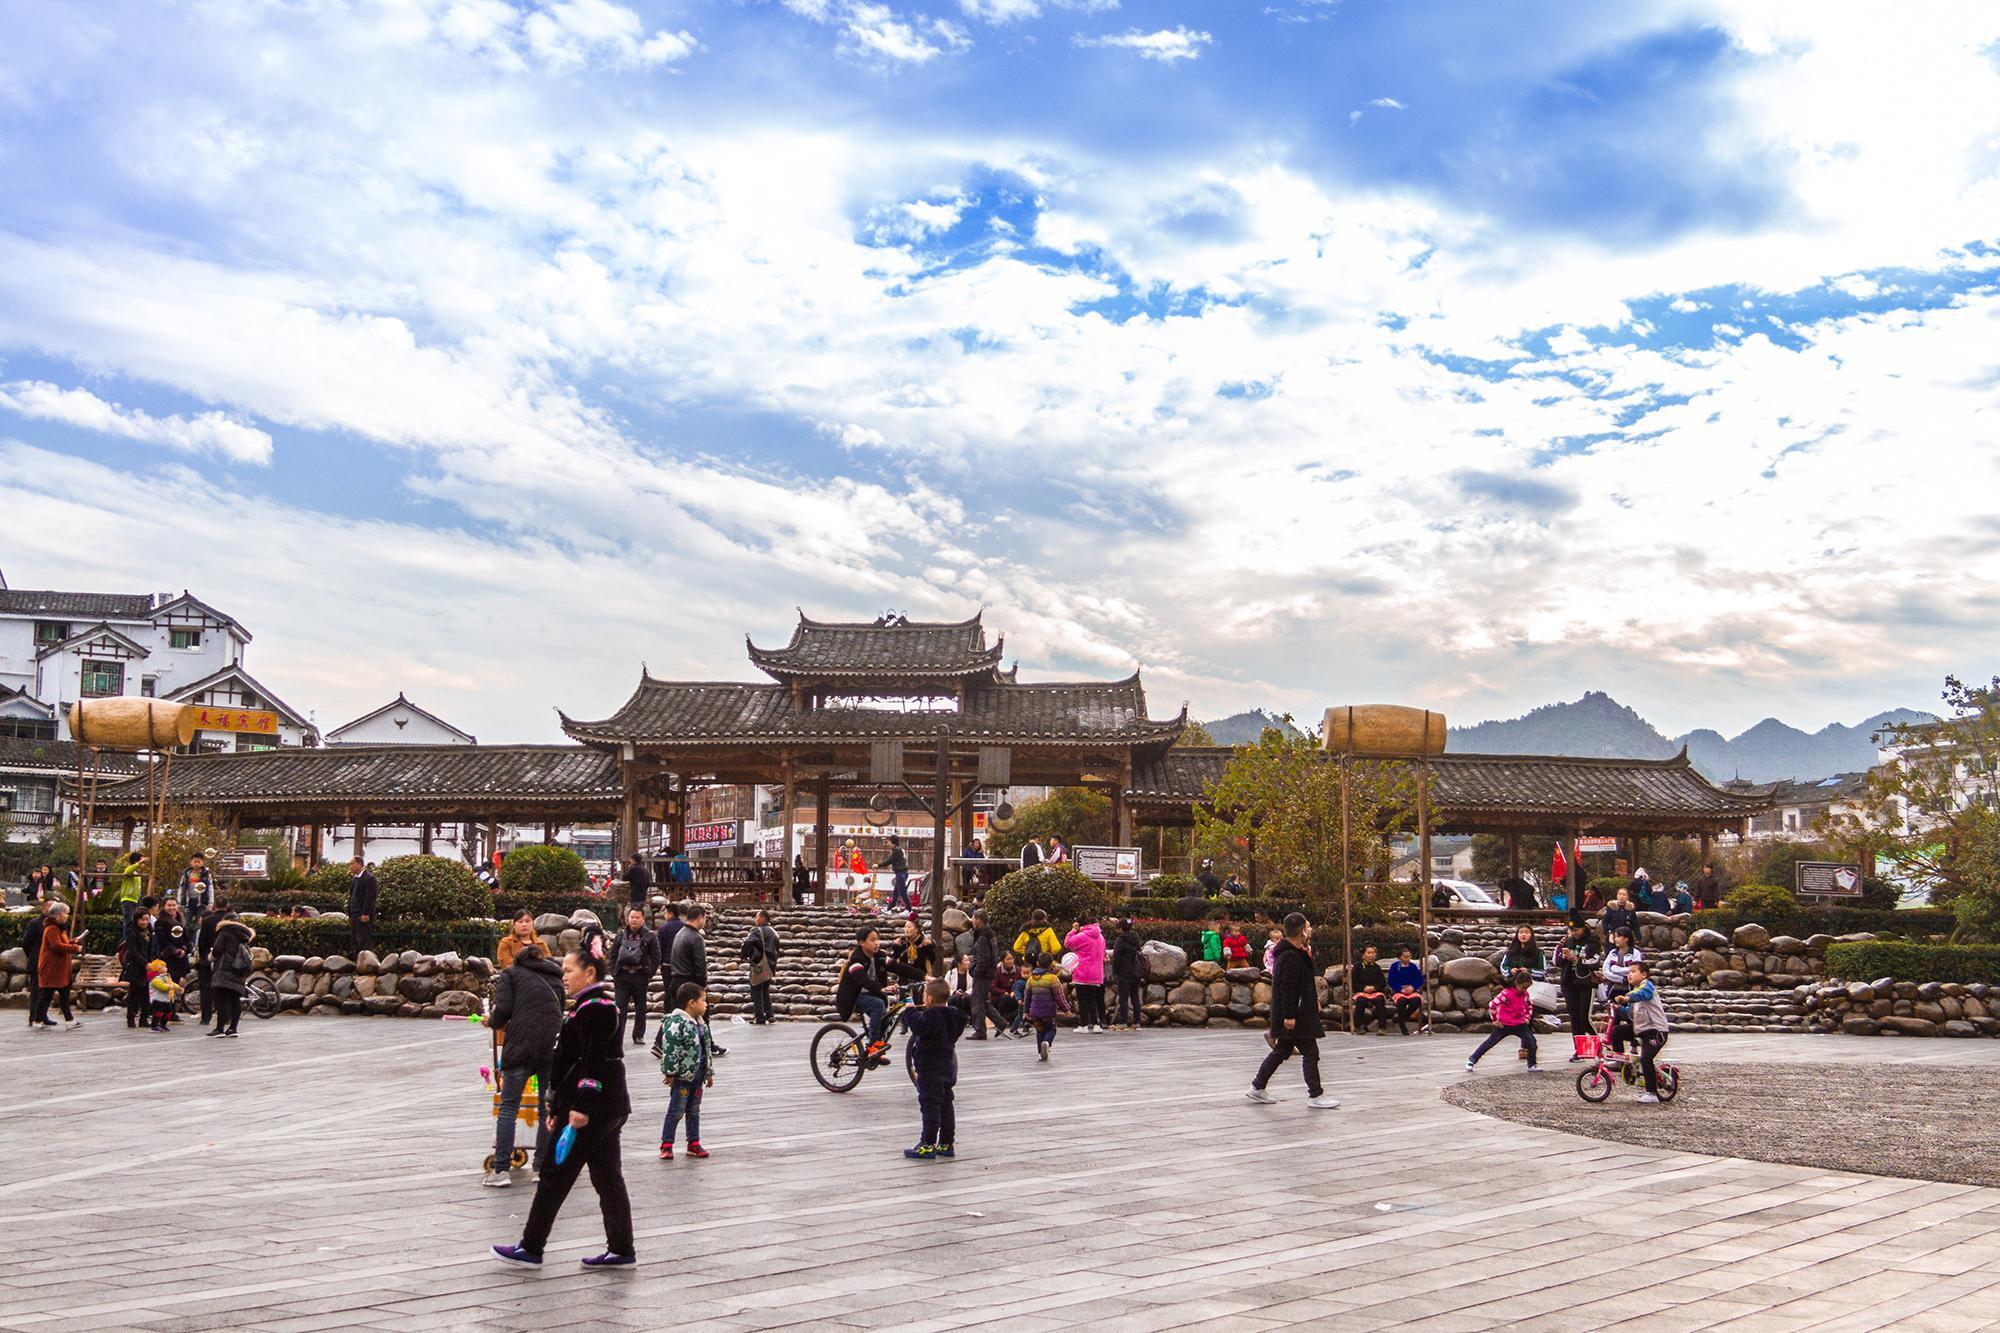 贵州雷山有三个苗寨 其中一个是世界上最大的苗寨 你去过那里吗?